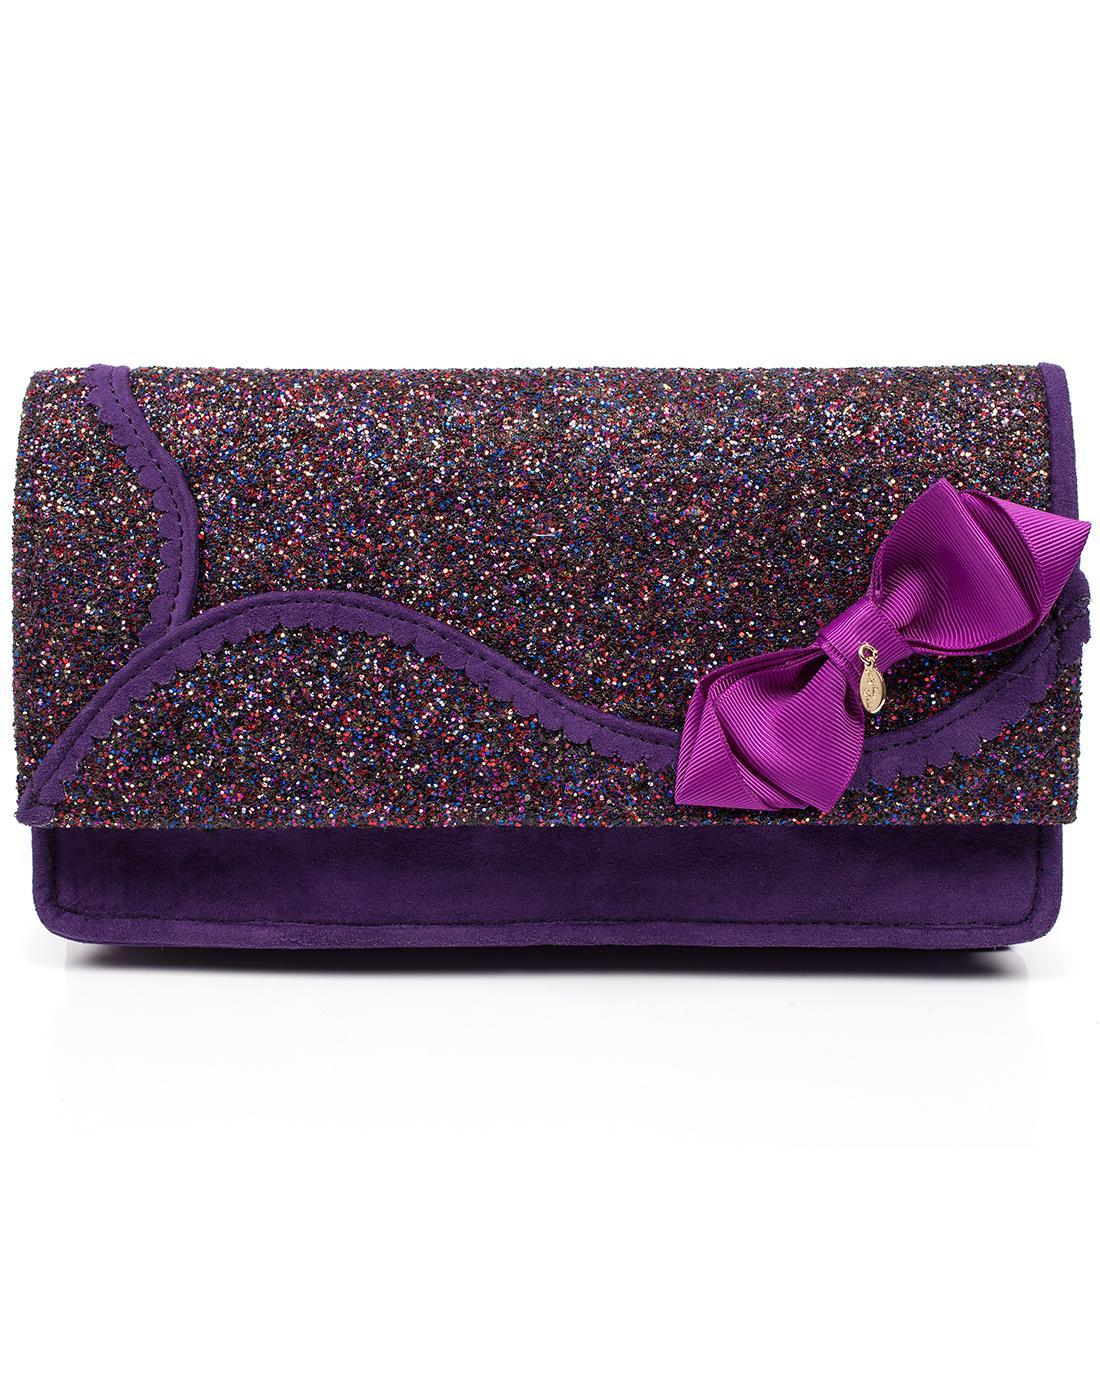 Kanjanka IRREGULAR CHOICE Glitter Clutch Handbag